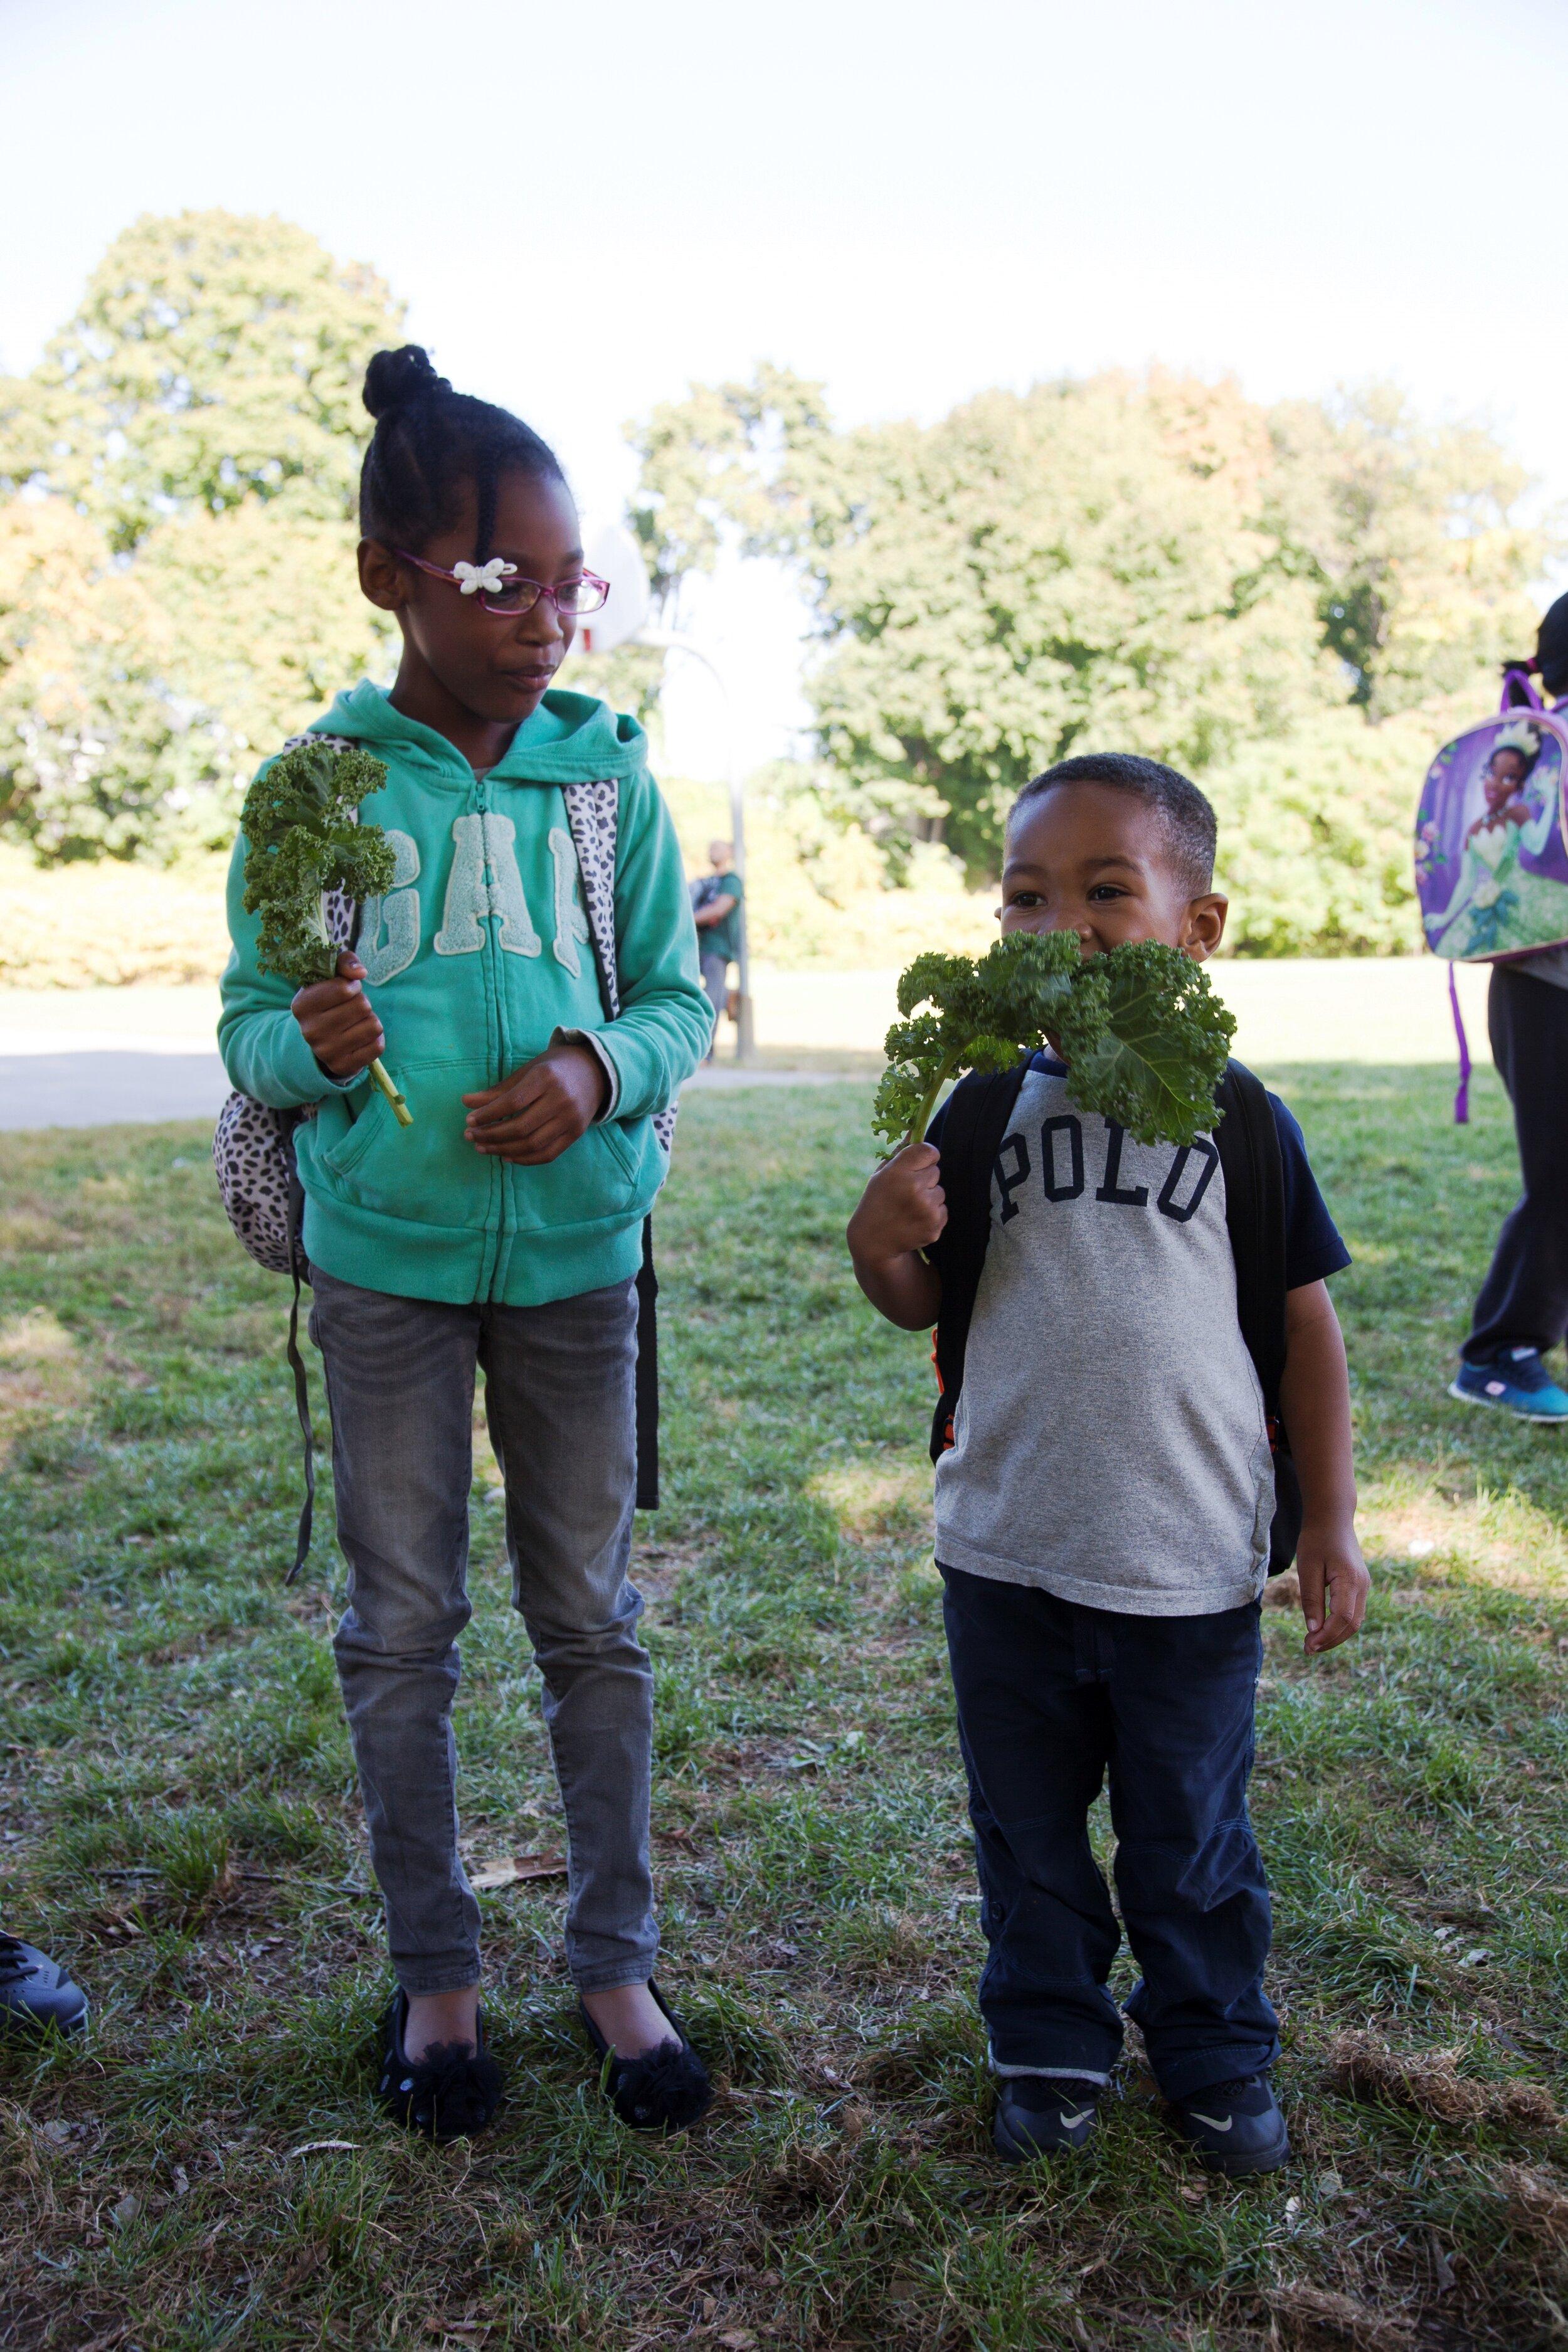 Kids Eating Kale